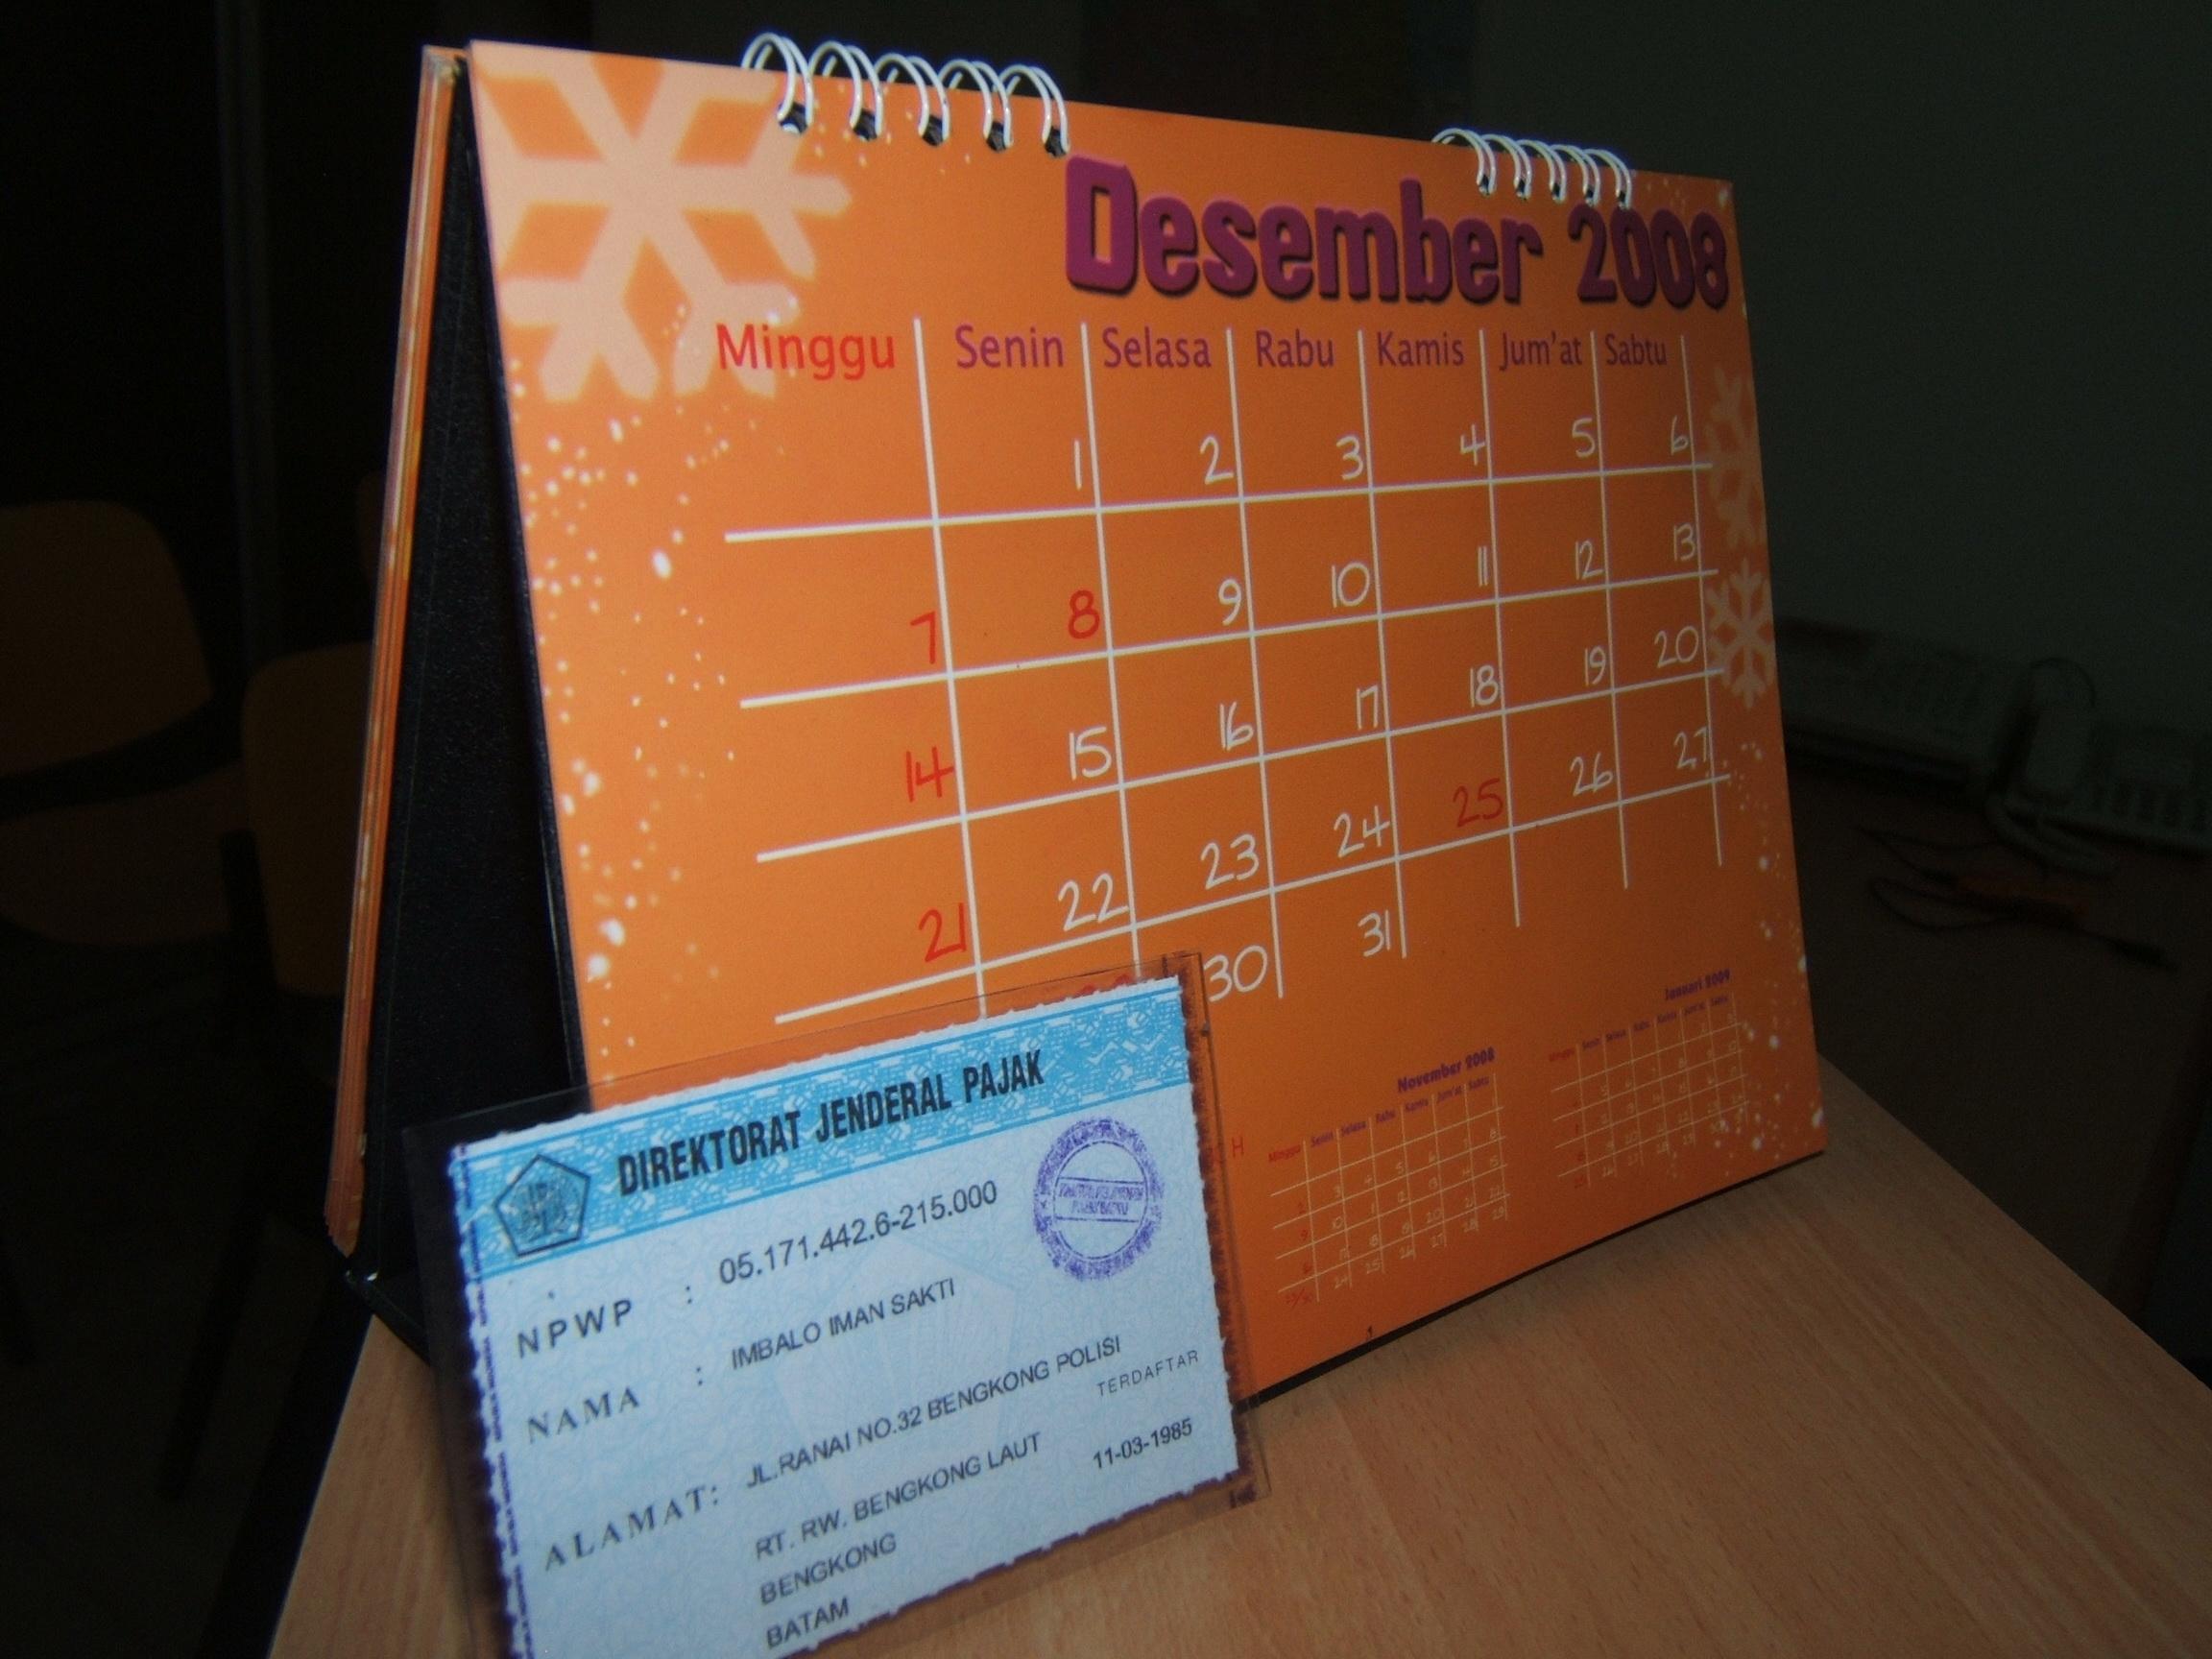 Kartu NPWP tenggat waktu hingga 31 Desember 2008